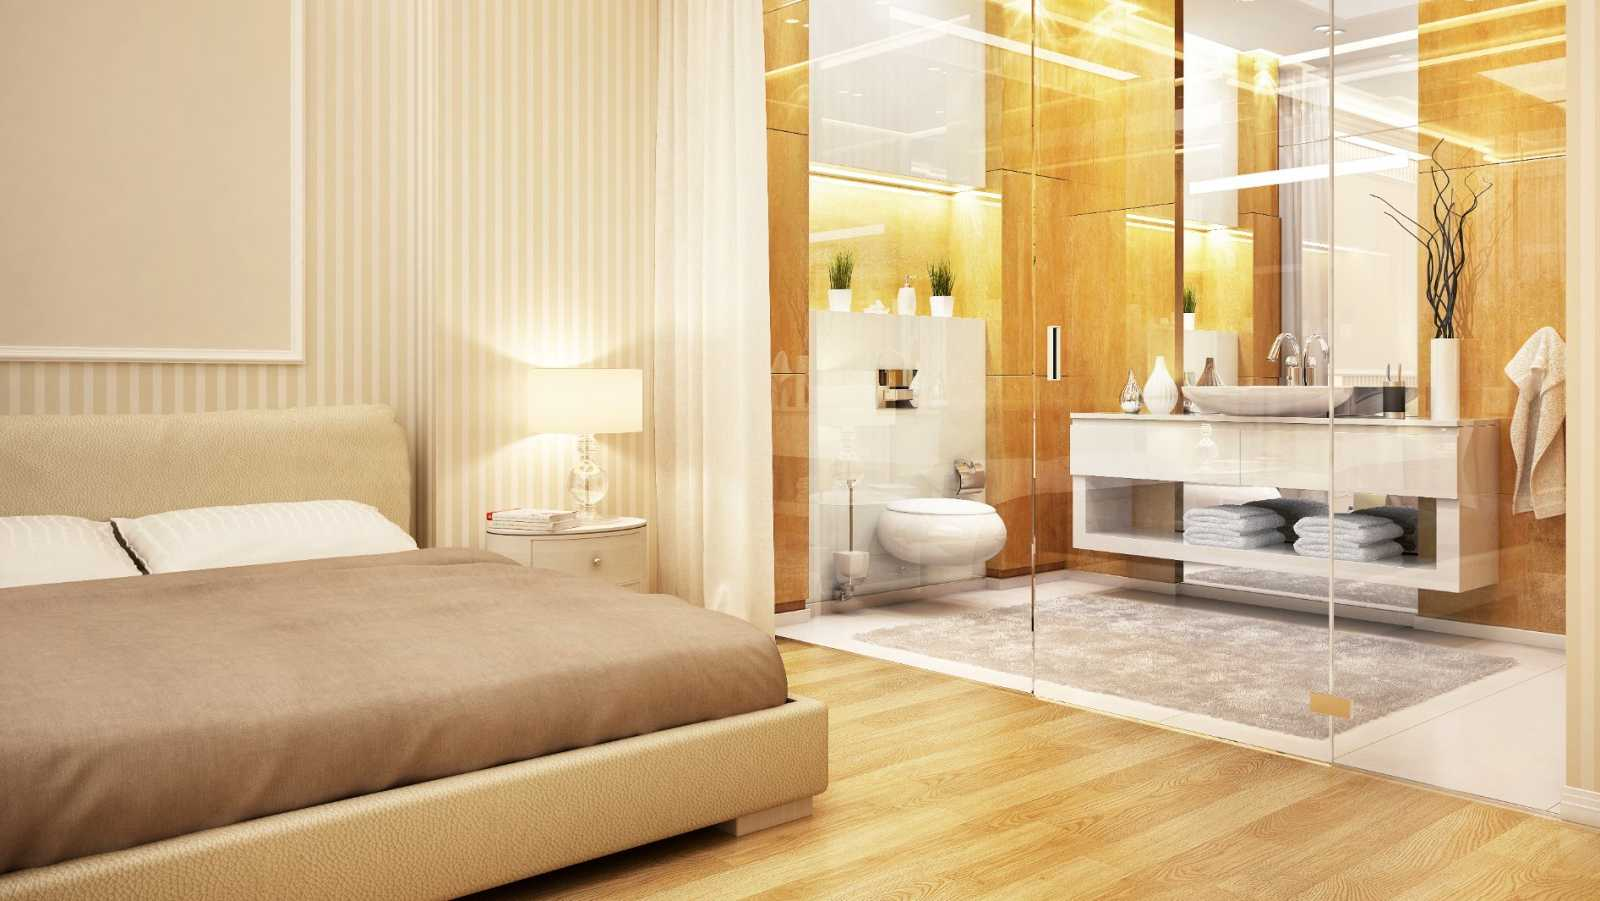 Las pernoctaciones en hoteles bajan un 61,1 % en marzo por el parón del turismo